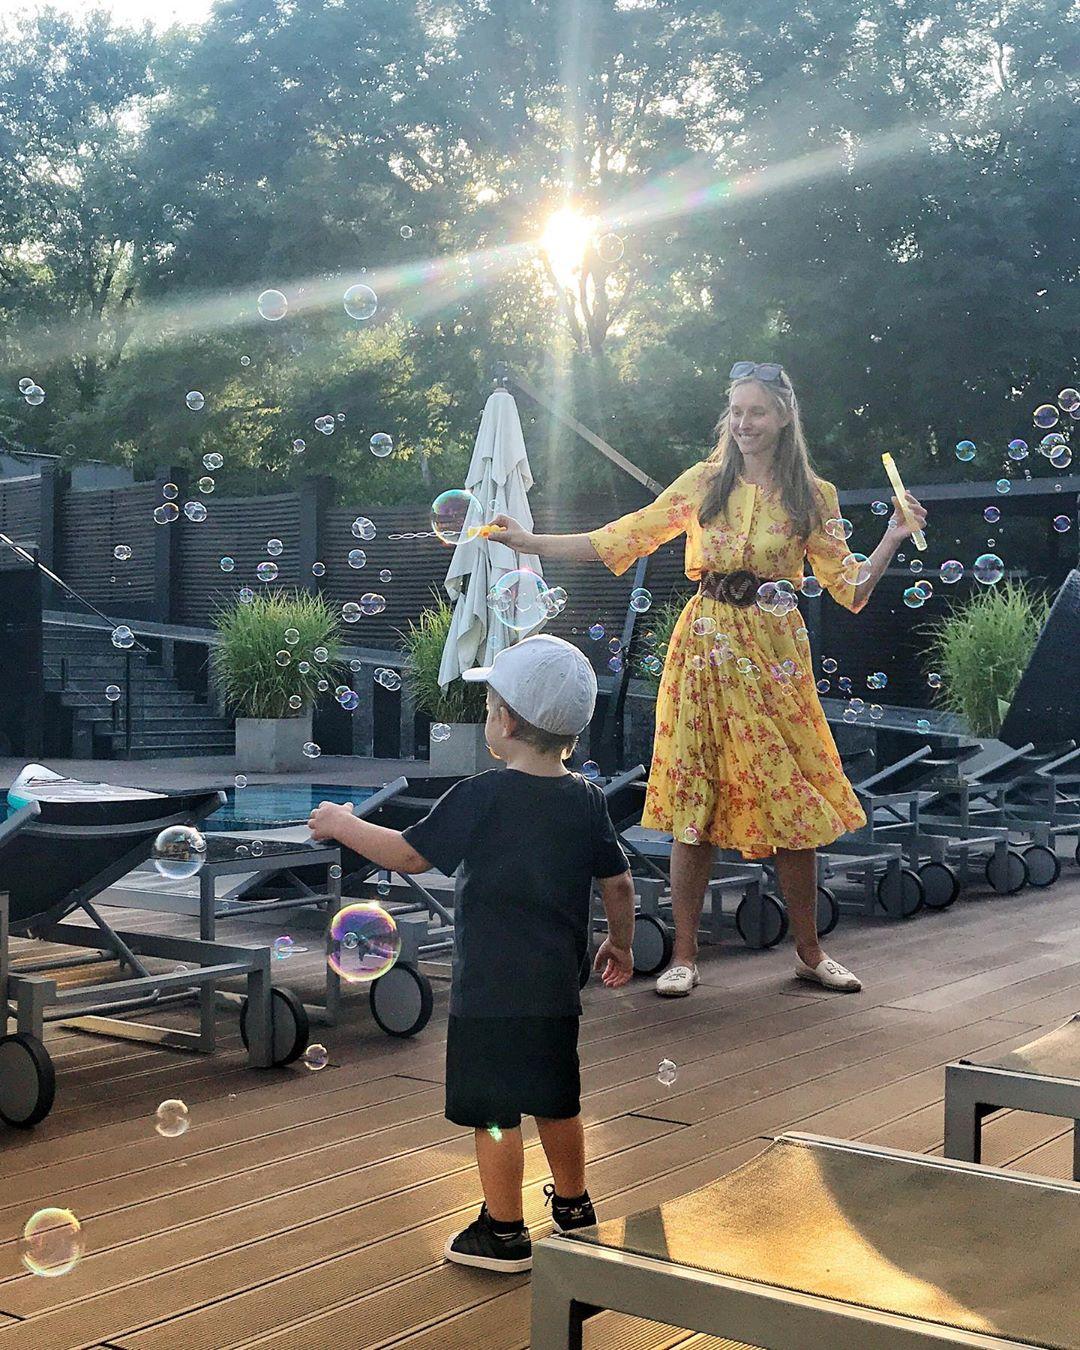 Катя Осадчая растрогала уникальным кадром счастливого детства 2-летнего сына